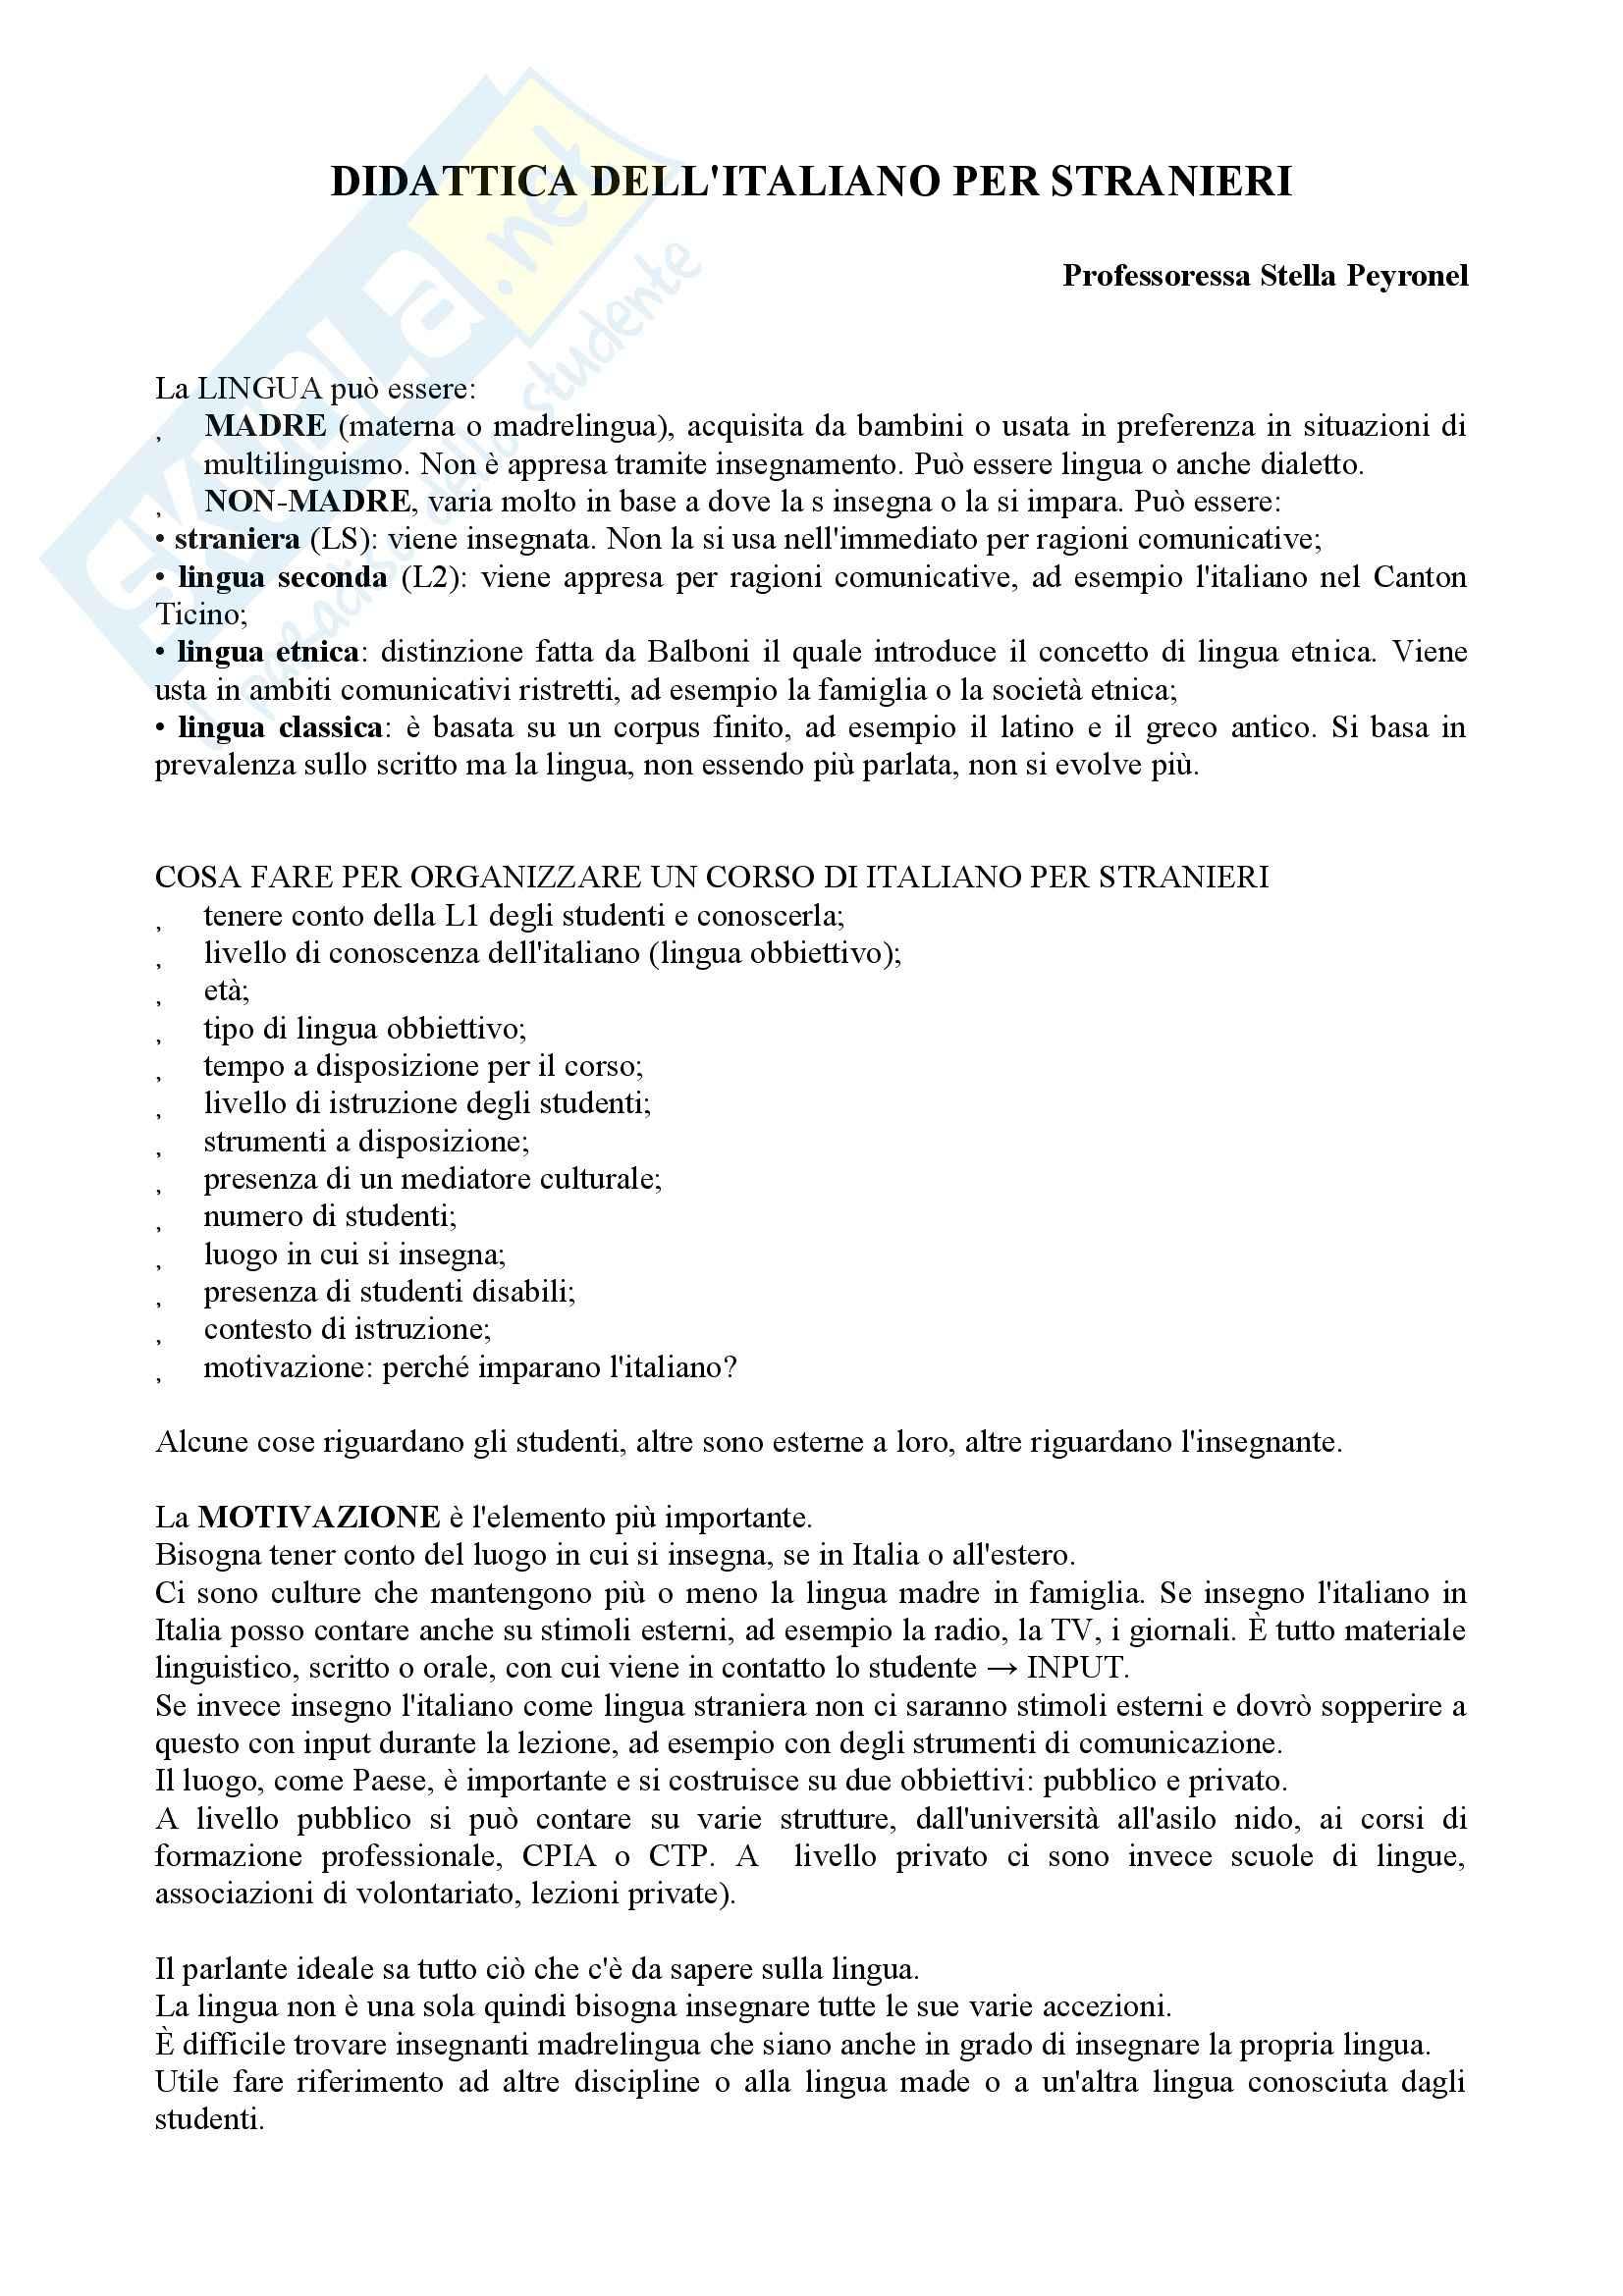 Didattica dell italiano per stranieri - Appunti